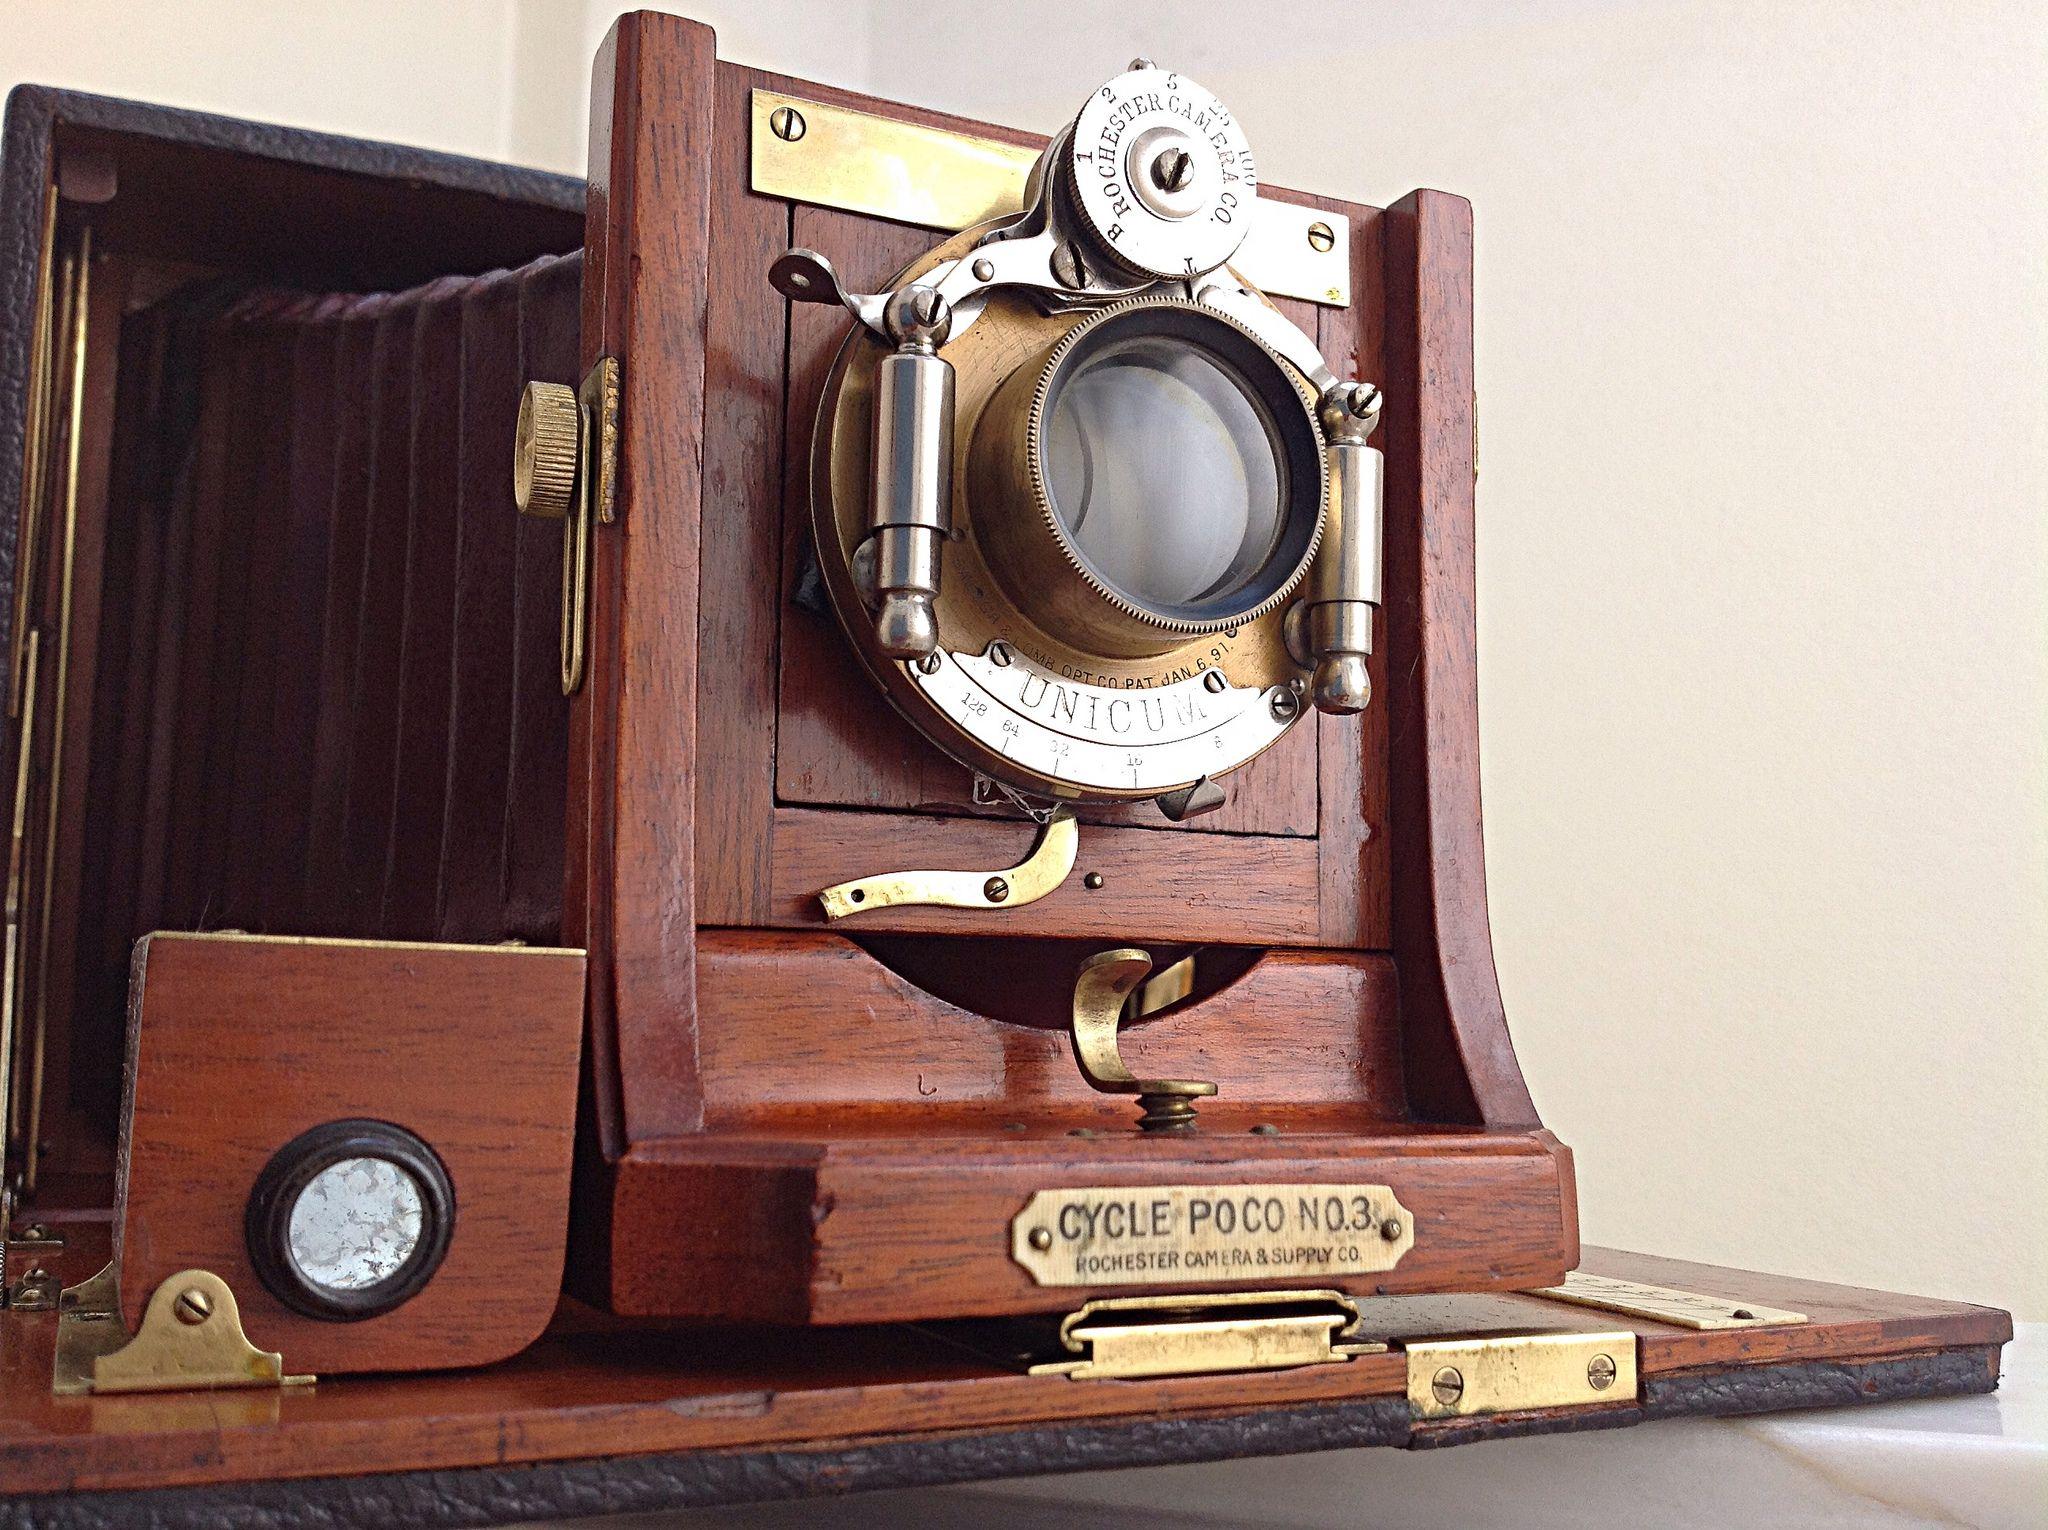 Luis Cozeto Rochester Camera Cycle Poco N 3 1897 Vintage Cameras Camera Classic Camera